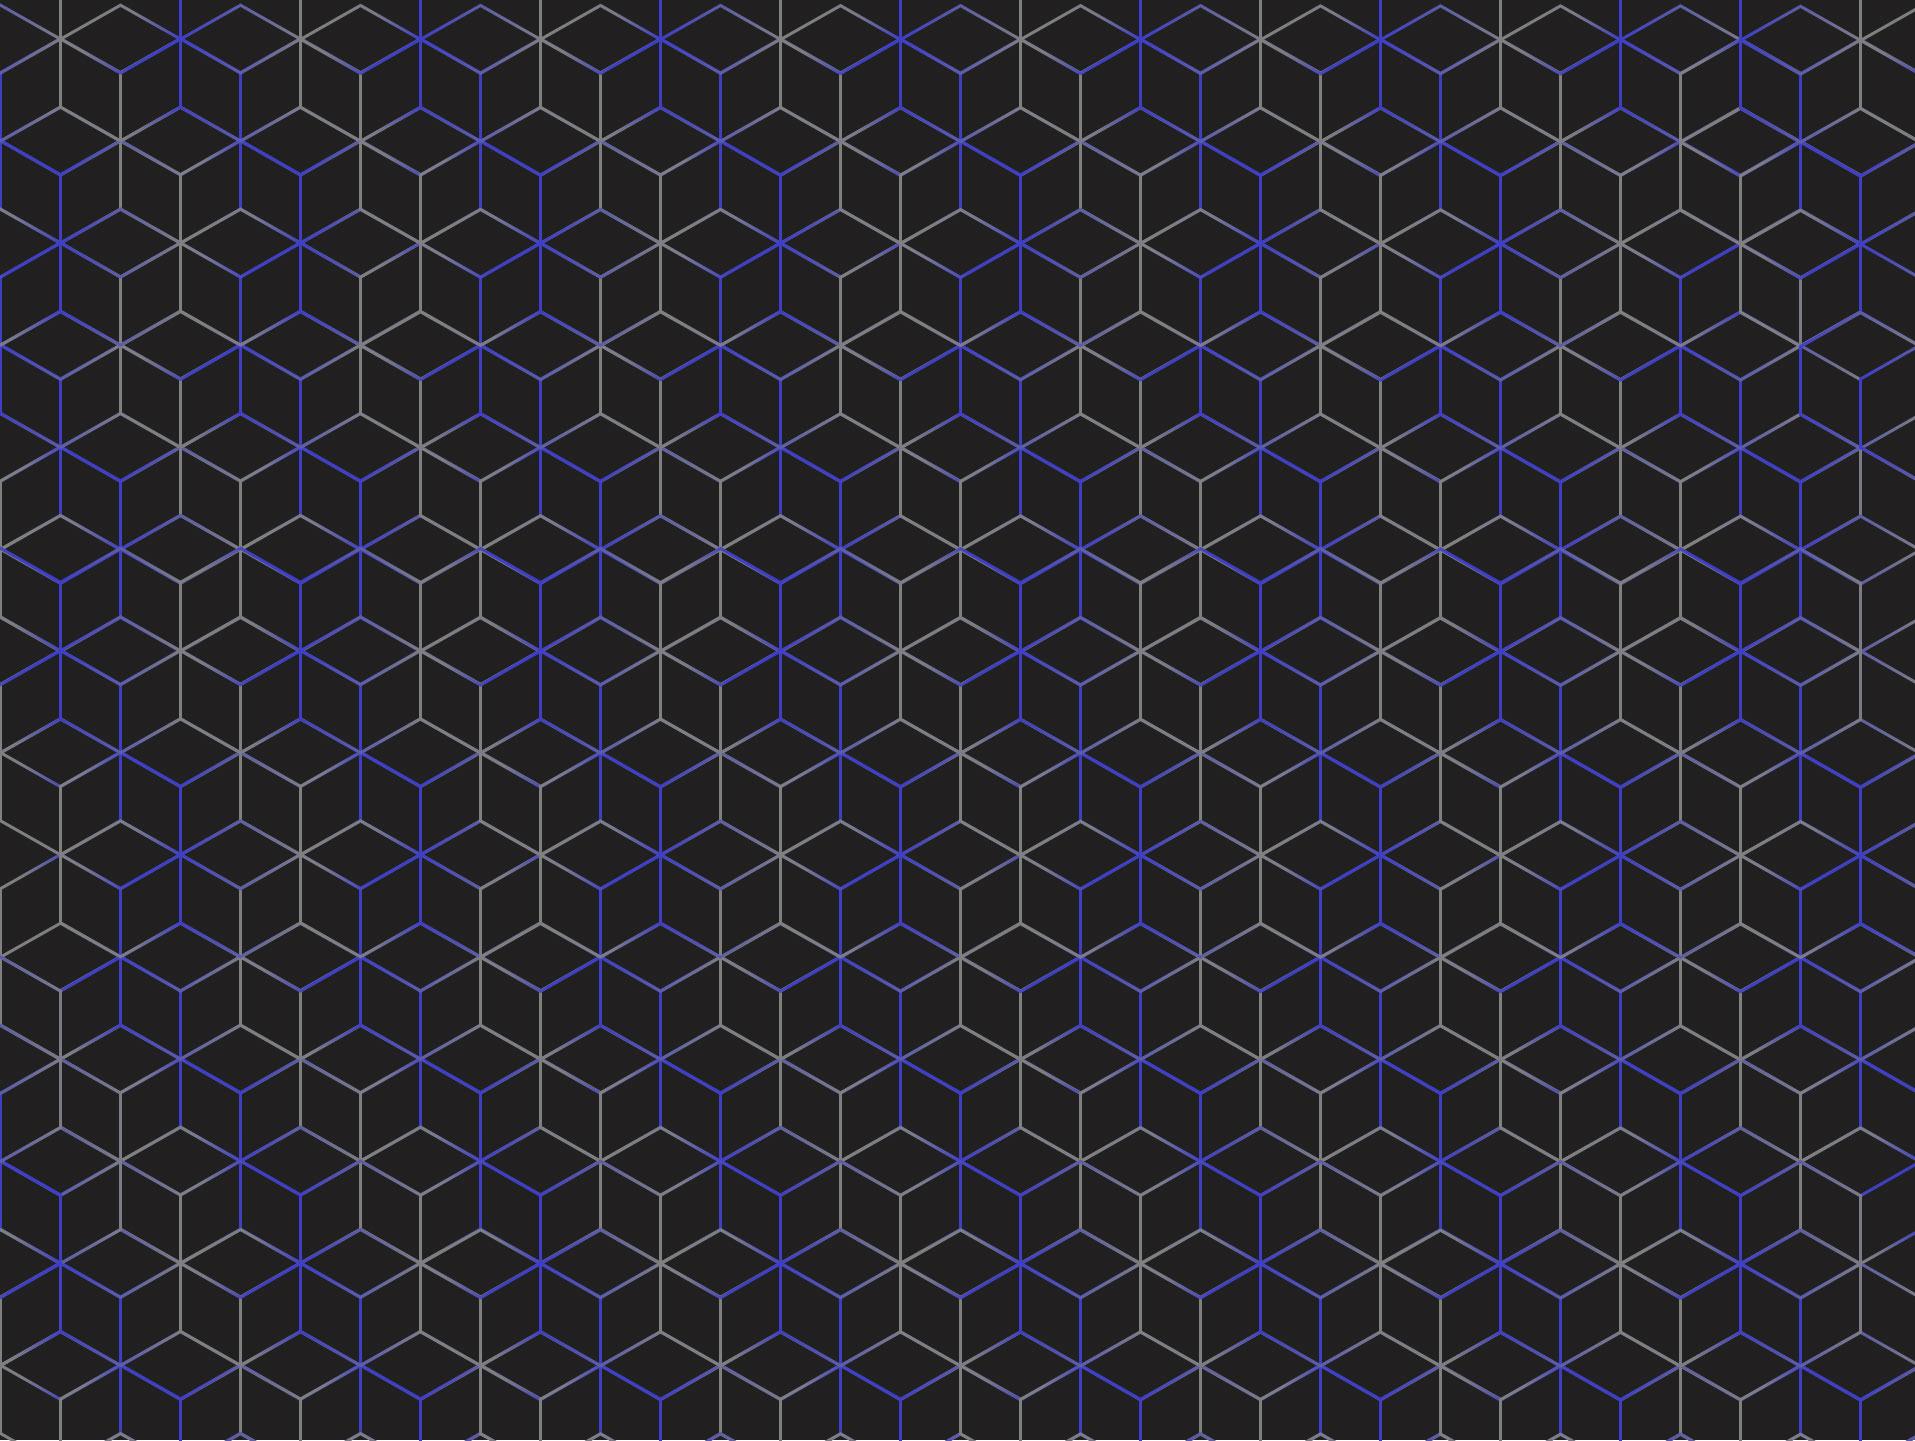 Разработка пакета айдентики rosinfo.tech фото f_3475e1f0f61ef213.jpg